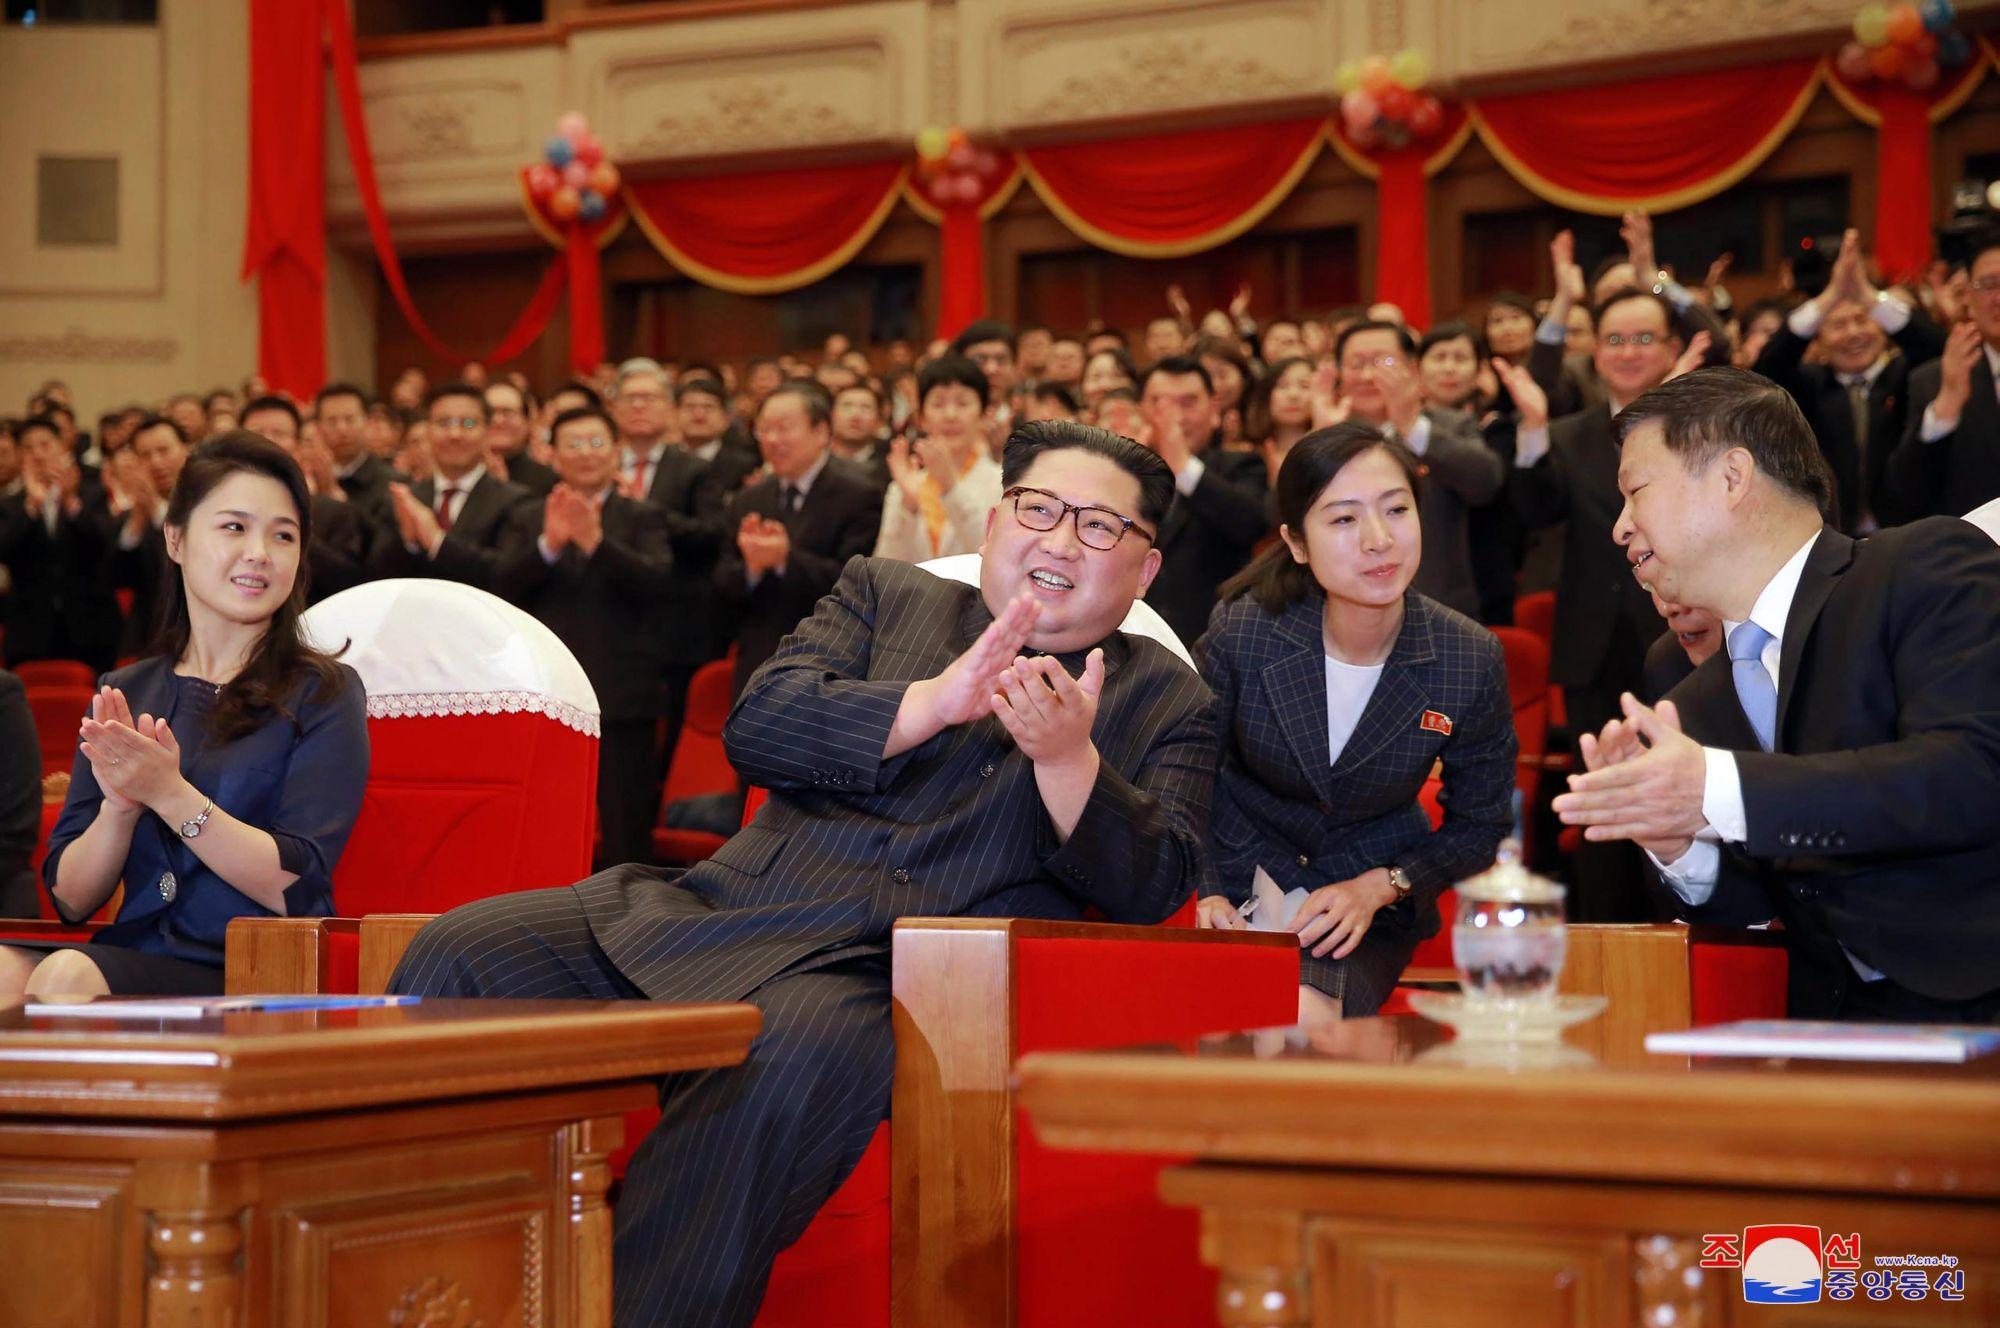 A KCNA észak-koreai hírügynökség által 2018. április 17-én közreadott képen Kim Dzsong Un észak-koreai vezető, a kommunista Koreai Munkapárt első titkára  és felesége, Zsi Szol Dzu részt vesz a Red Women Company című balettelőadáson, amelyet egy kínai társulat ad elő a phenjani Nagyszínházban április 16-án. (MTI/EPA/KCNA)